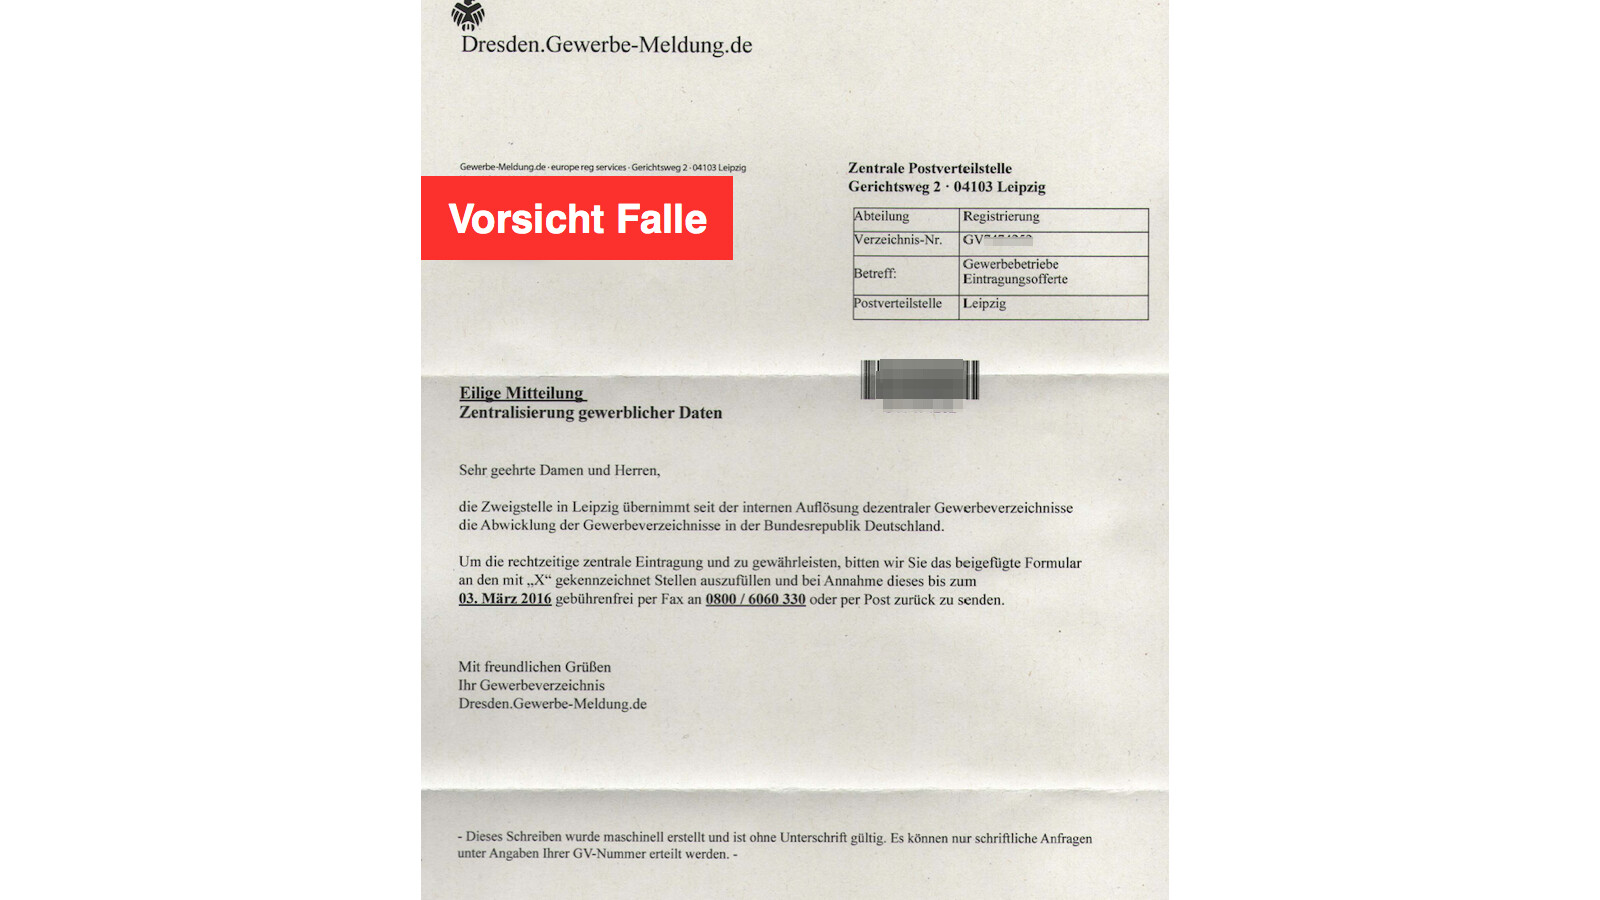 Gemütlich Rechtsanwaltsgehilfin Und Anschreiben Bilder - Beispiel ...